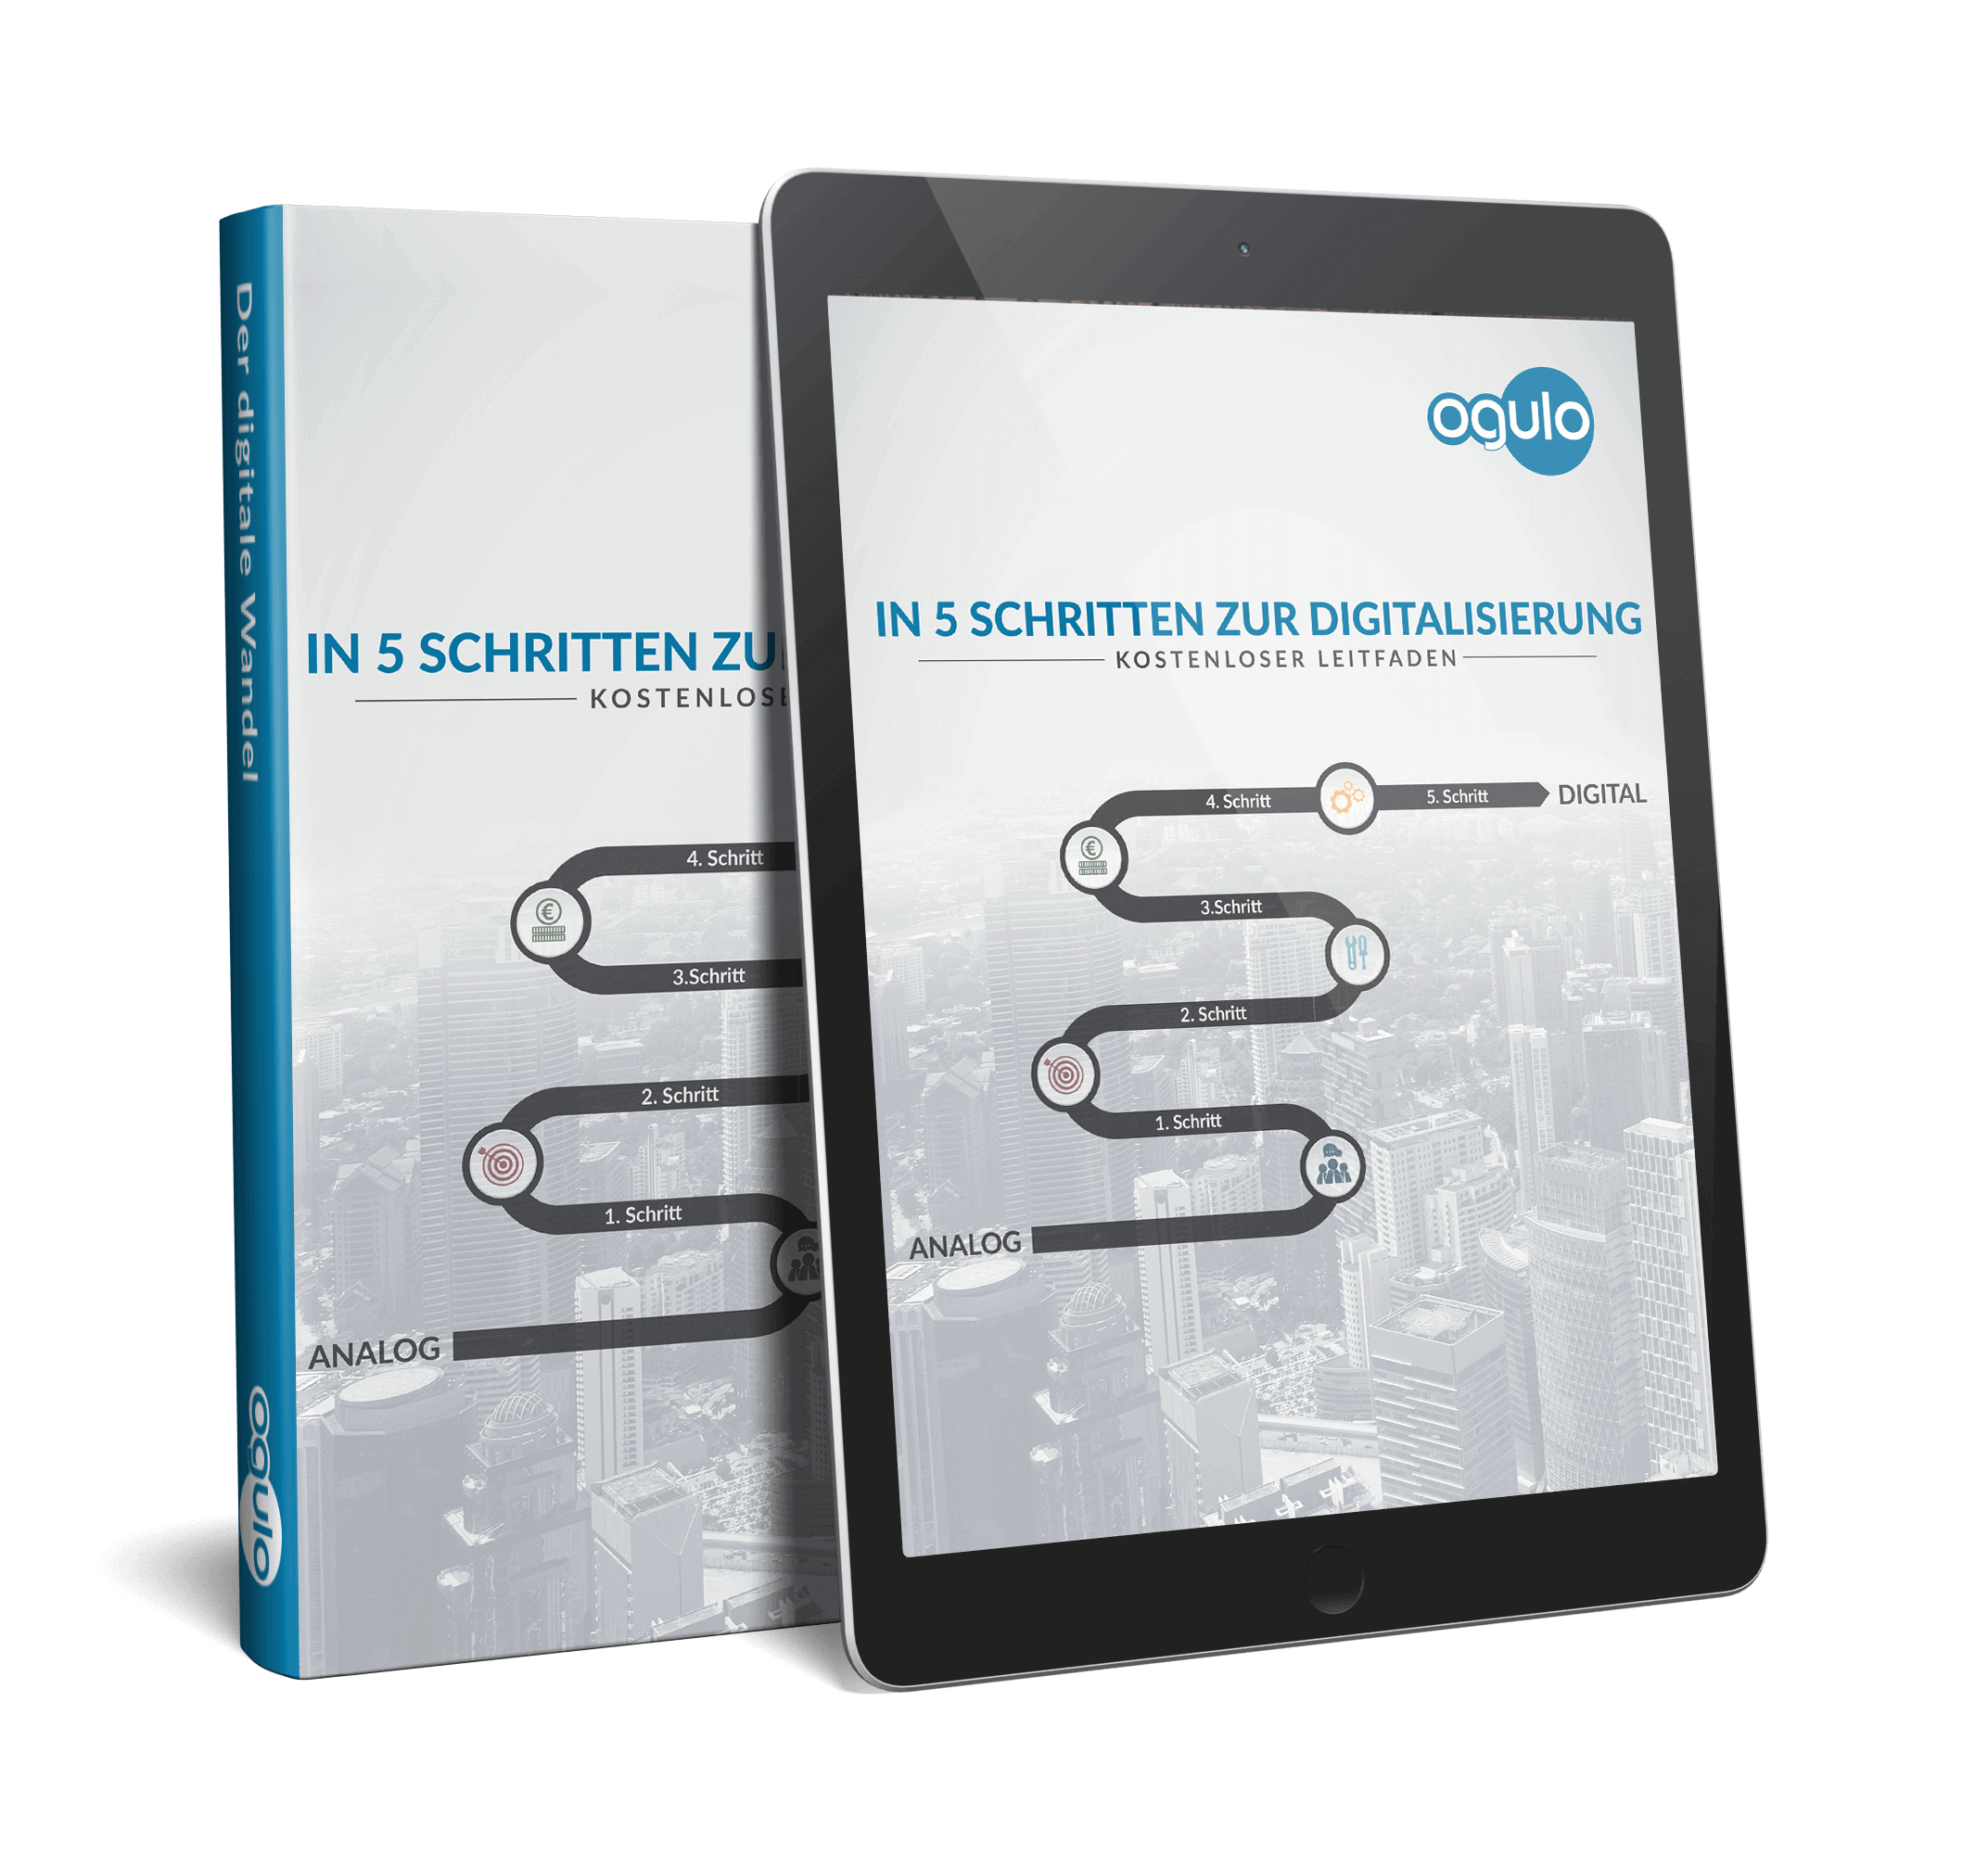 """Ogulos kostenloses E-Book """"In 5 Schritten zur Digitalisierung"""""""